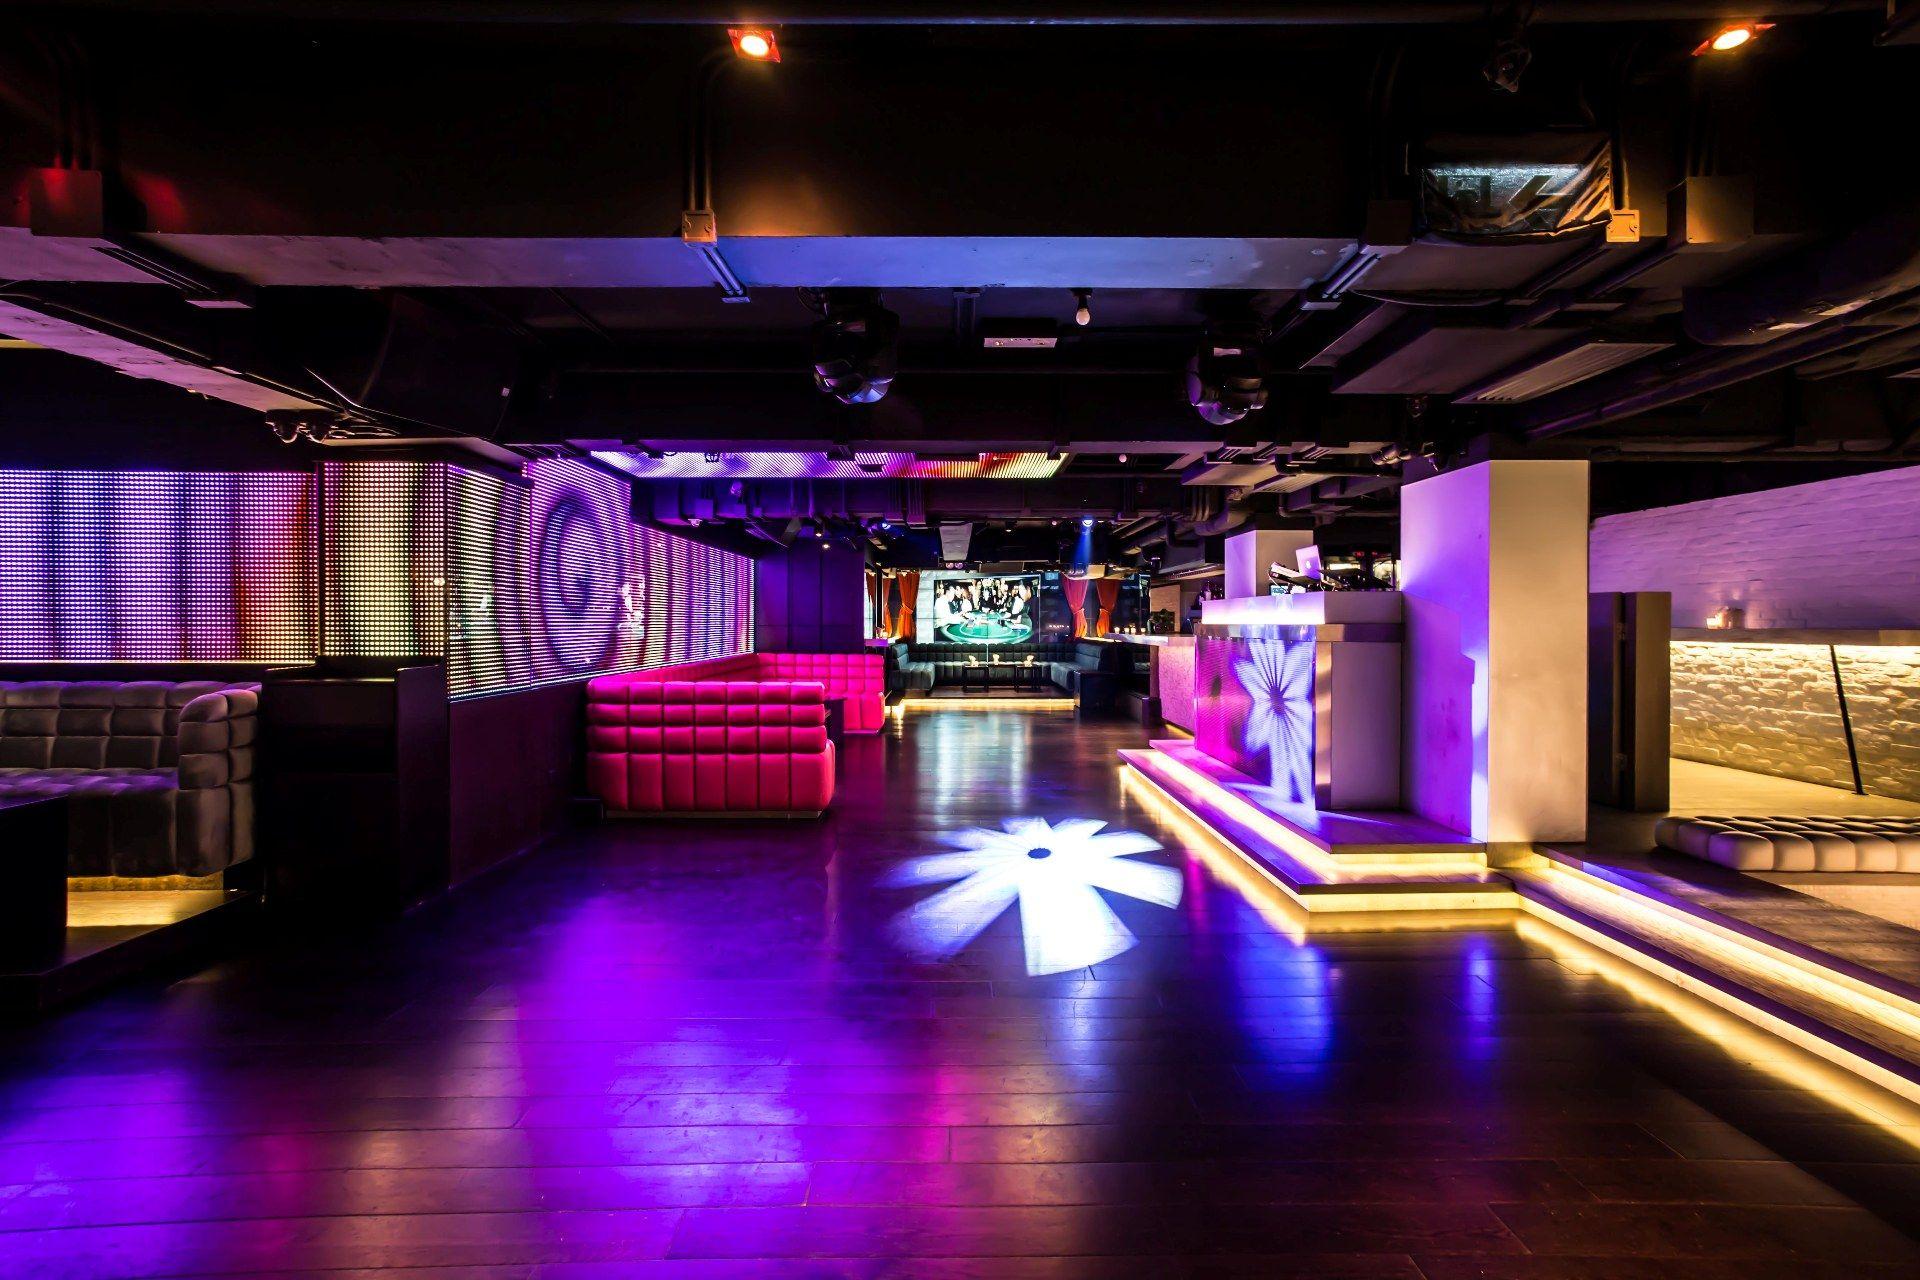 Семь ночной клуб ночной клуб в амстердаме видео